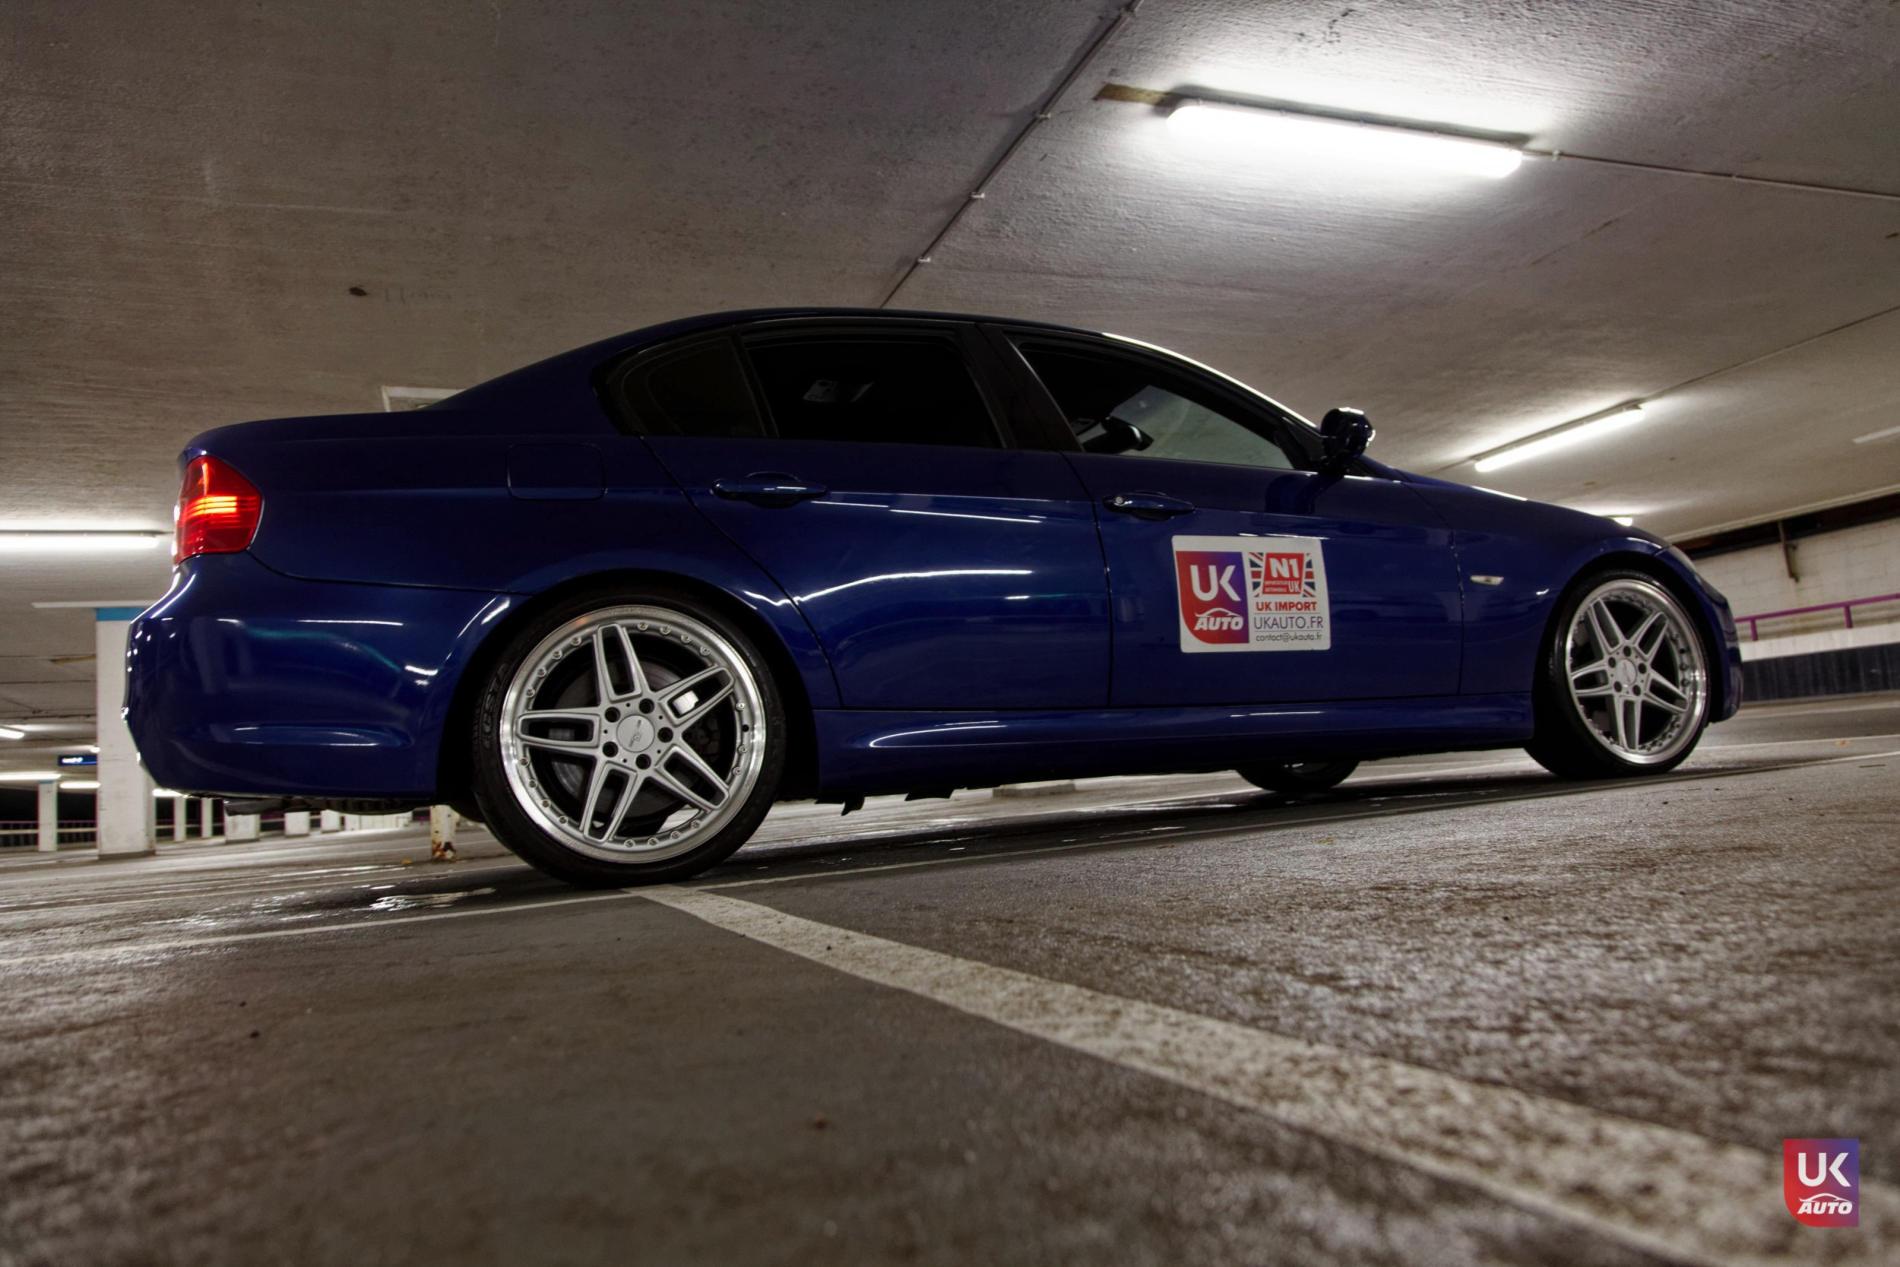 IMPORT BMW 330I LIVRAISON BMW EN FRANCE RHD PAR UKAUTO MANDATAIRE BMW AUTO PAS CHER PAR UKAUTO12 - IMPORT BMW 330I LIVRAISON BMW EN FRANCE RHD PAR UKAUTO MANDATAIRE BMW AUTO PAS CHER PAR UKAUTO